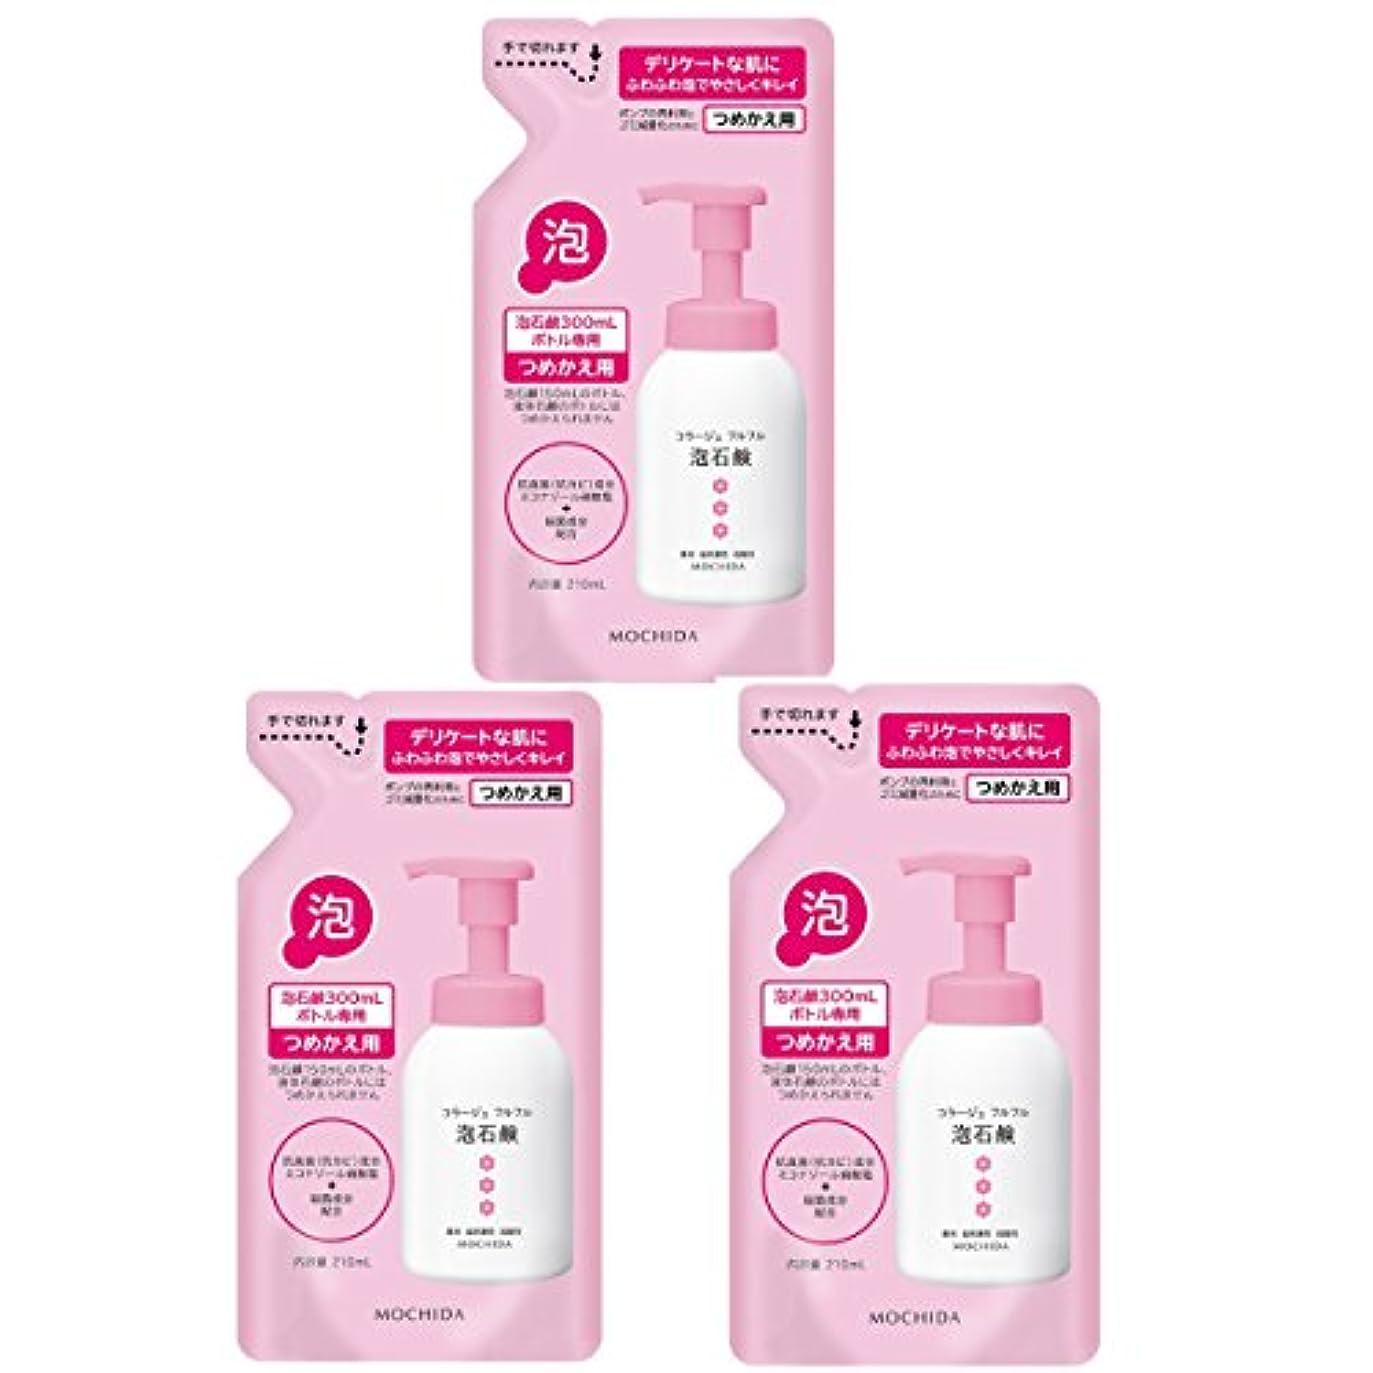 できる楽しむプレゼンコラージュフルフル 泡石鹸 ピンク つめかえ用 210mL (医薬部外品)×3